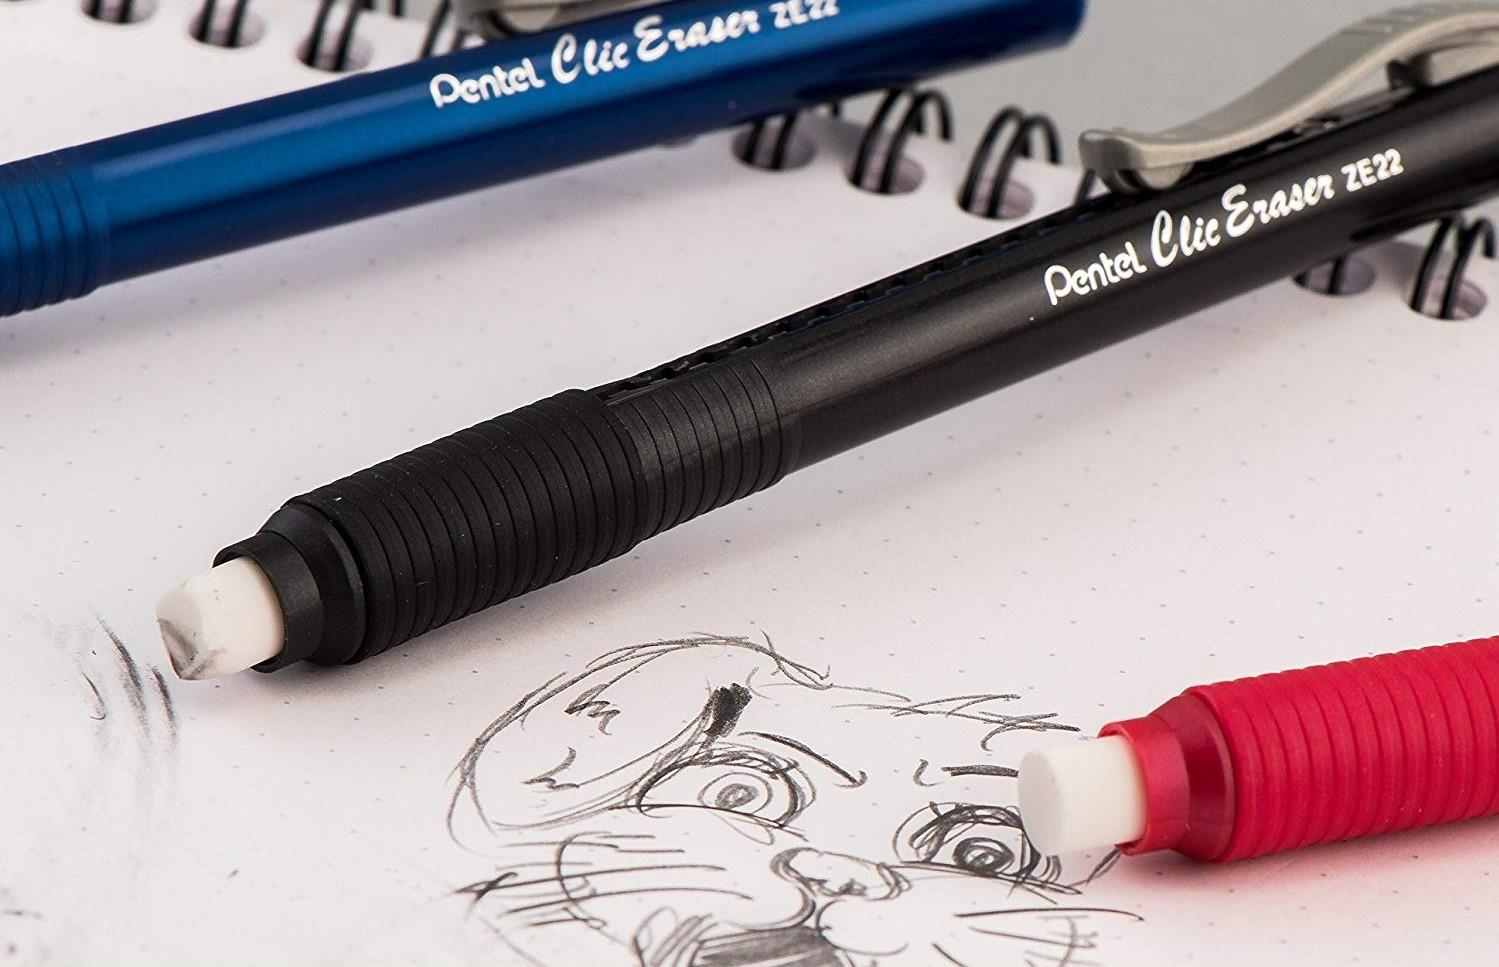 Review Of Pentel Clic Eraser 2020